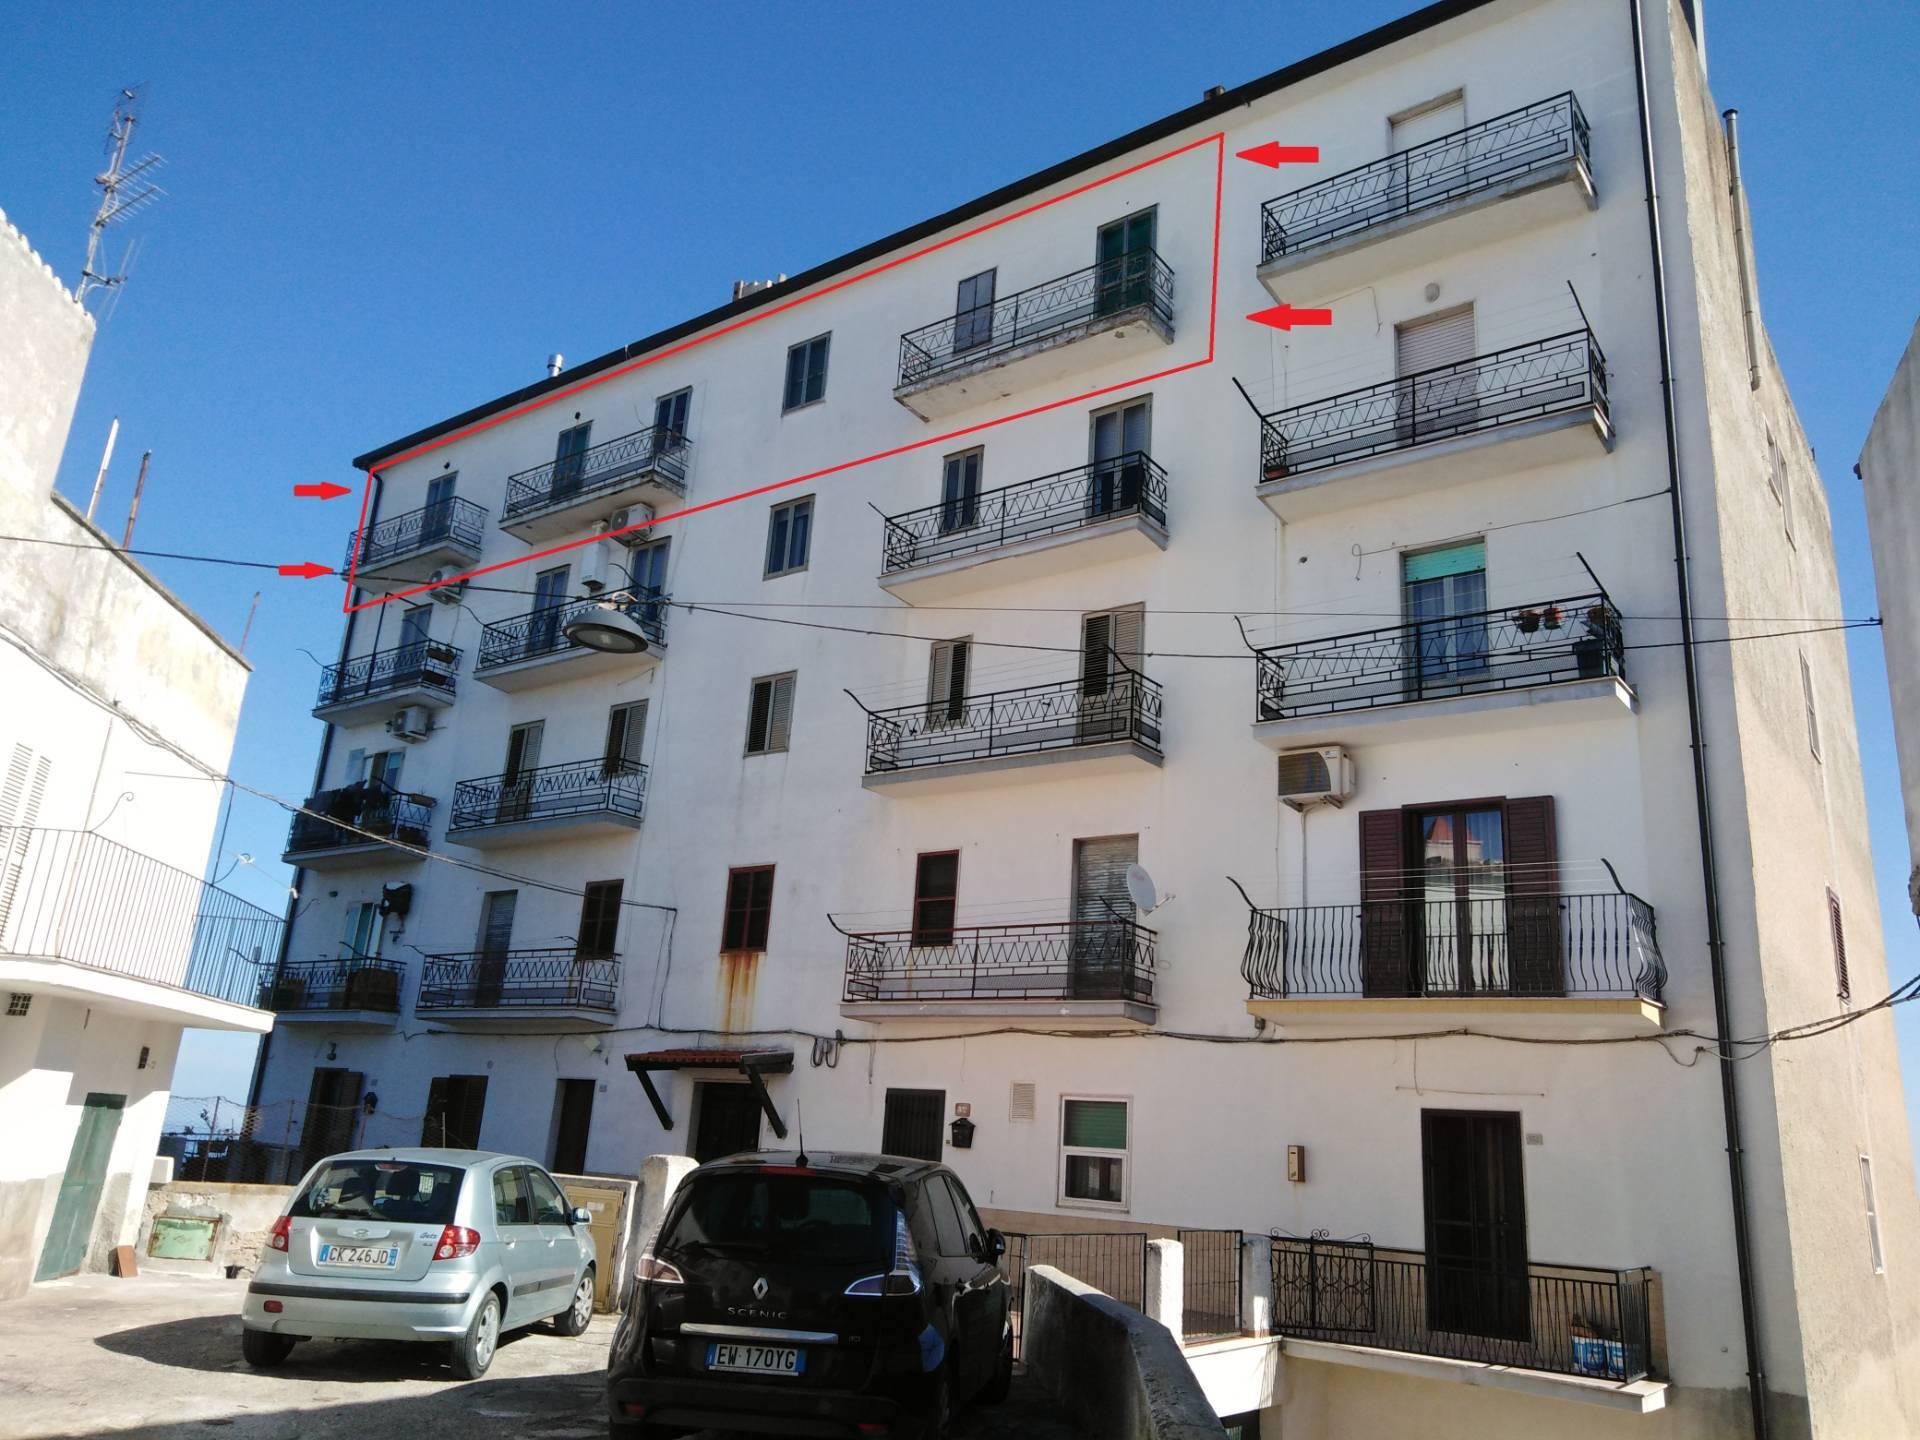 Appartamento in vendita a Vico del Gargano, 6 locali, zona Località: Carmine+Croci+Particchiano, prezzo € 58.000 | PortaleAgenzieImmobiliari.it